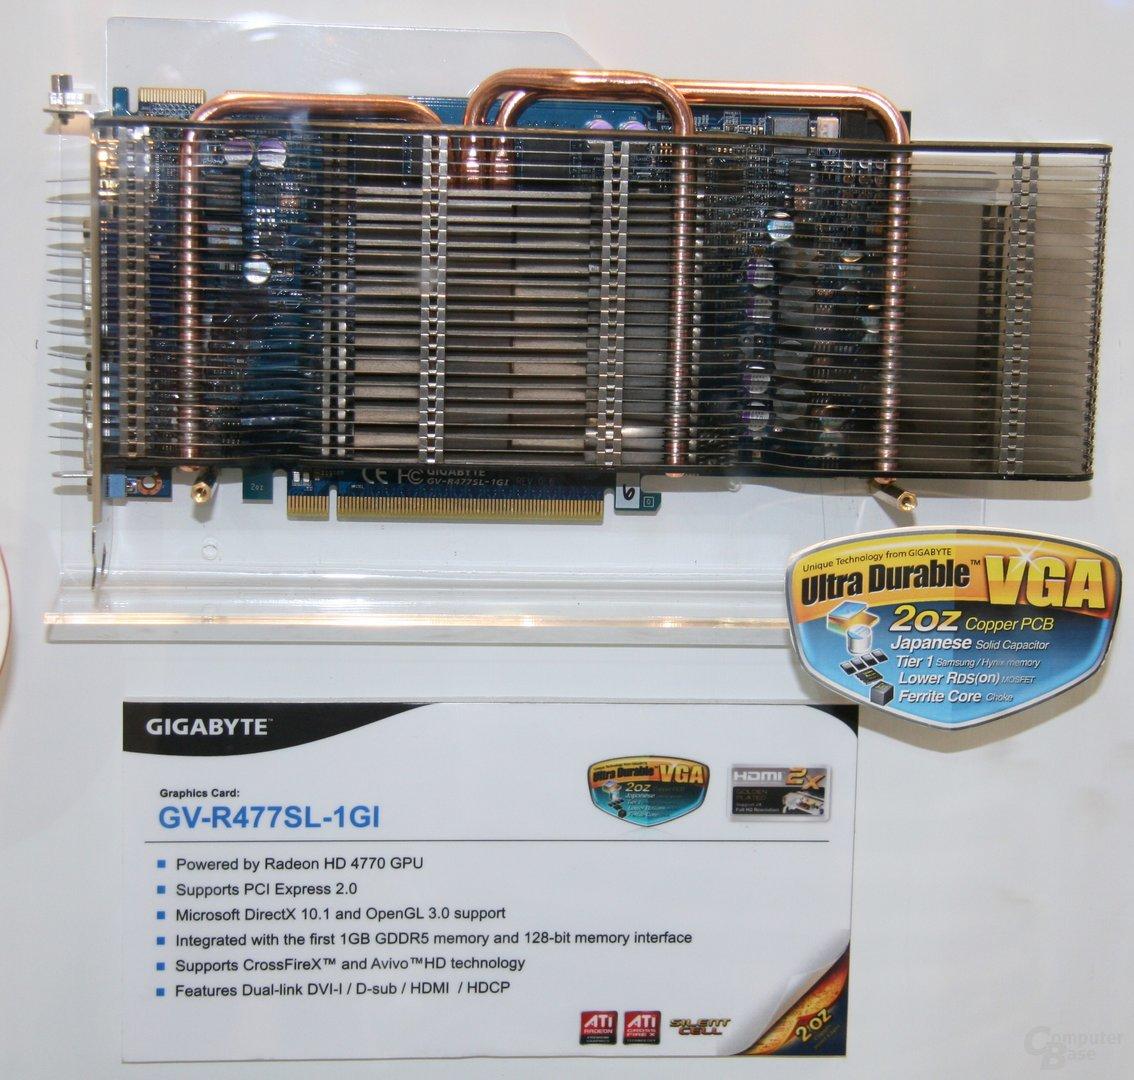 Passive Gigabyte GV-R477SL-1GI mit 1 GB VRAM